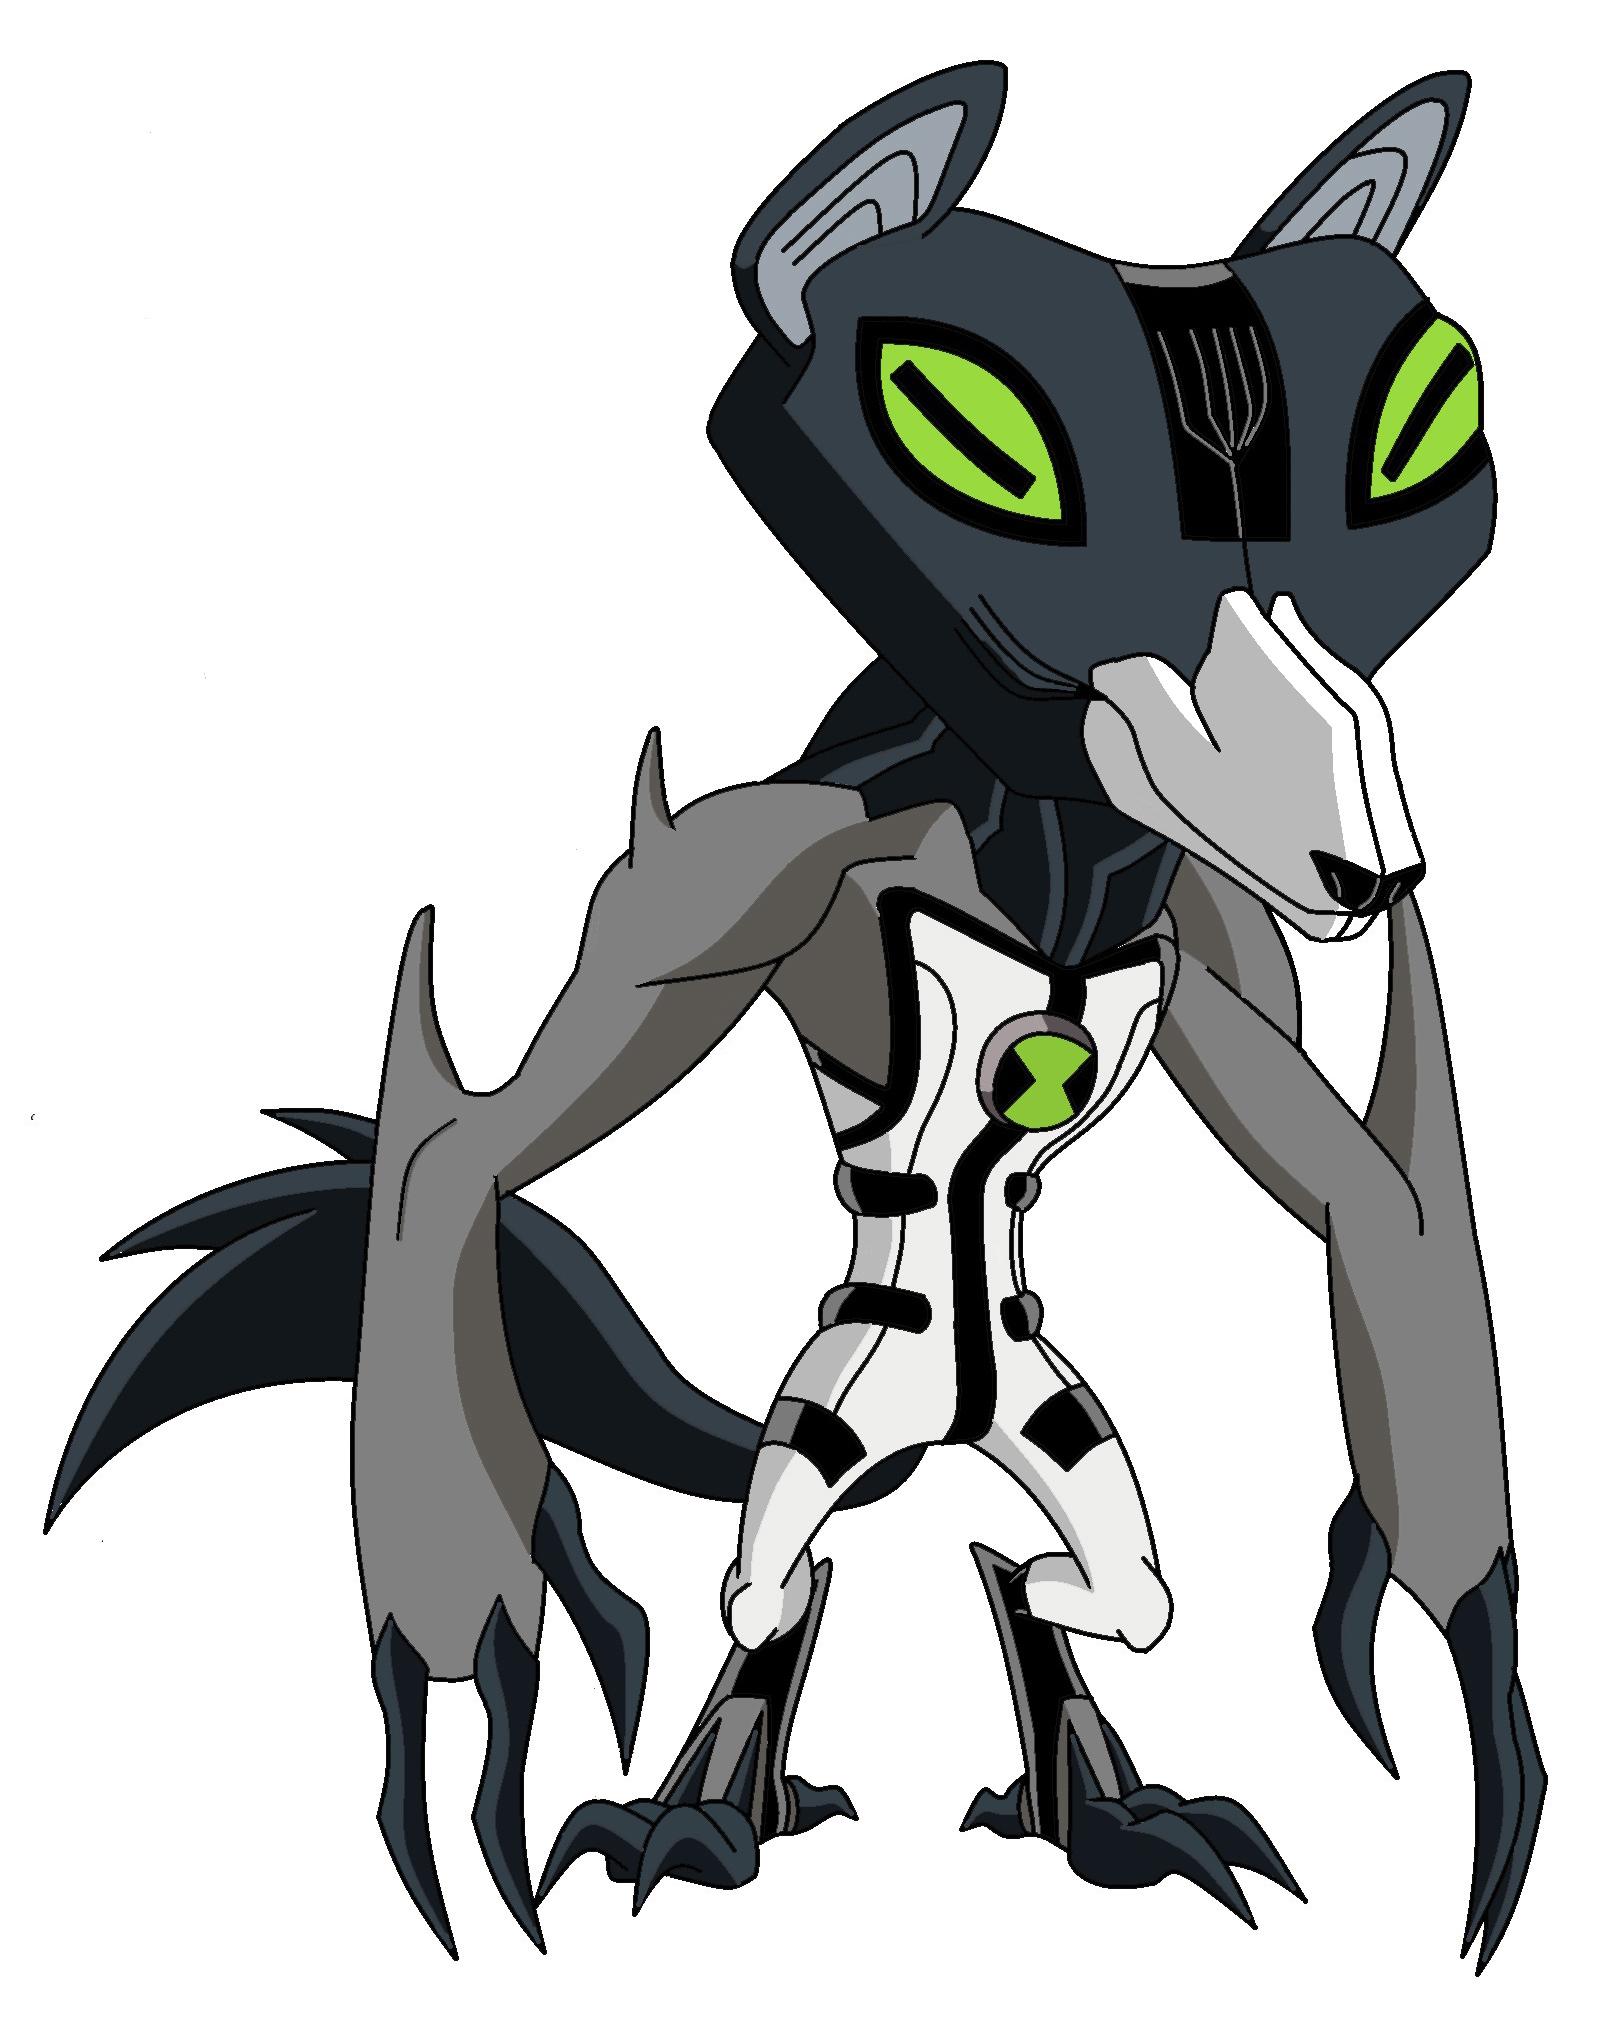 Ben 10 Alien Fusions - Ben Ten Fusion Aliens